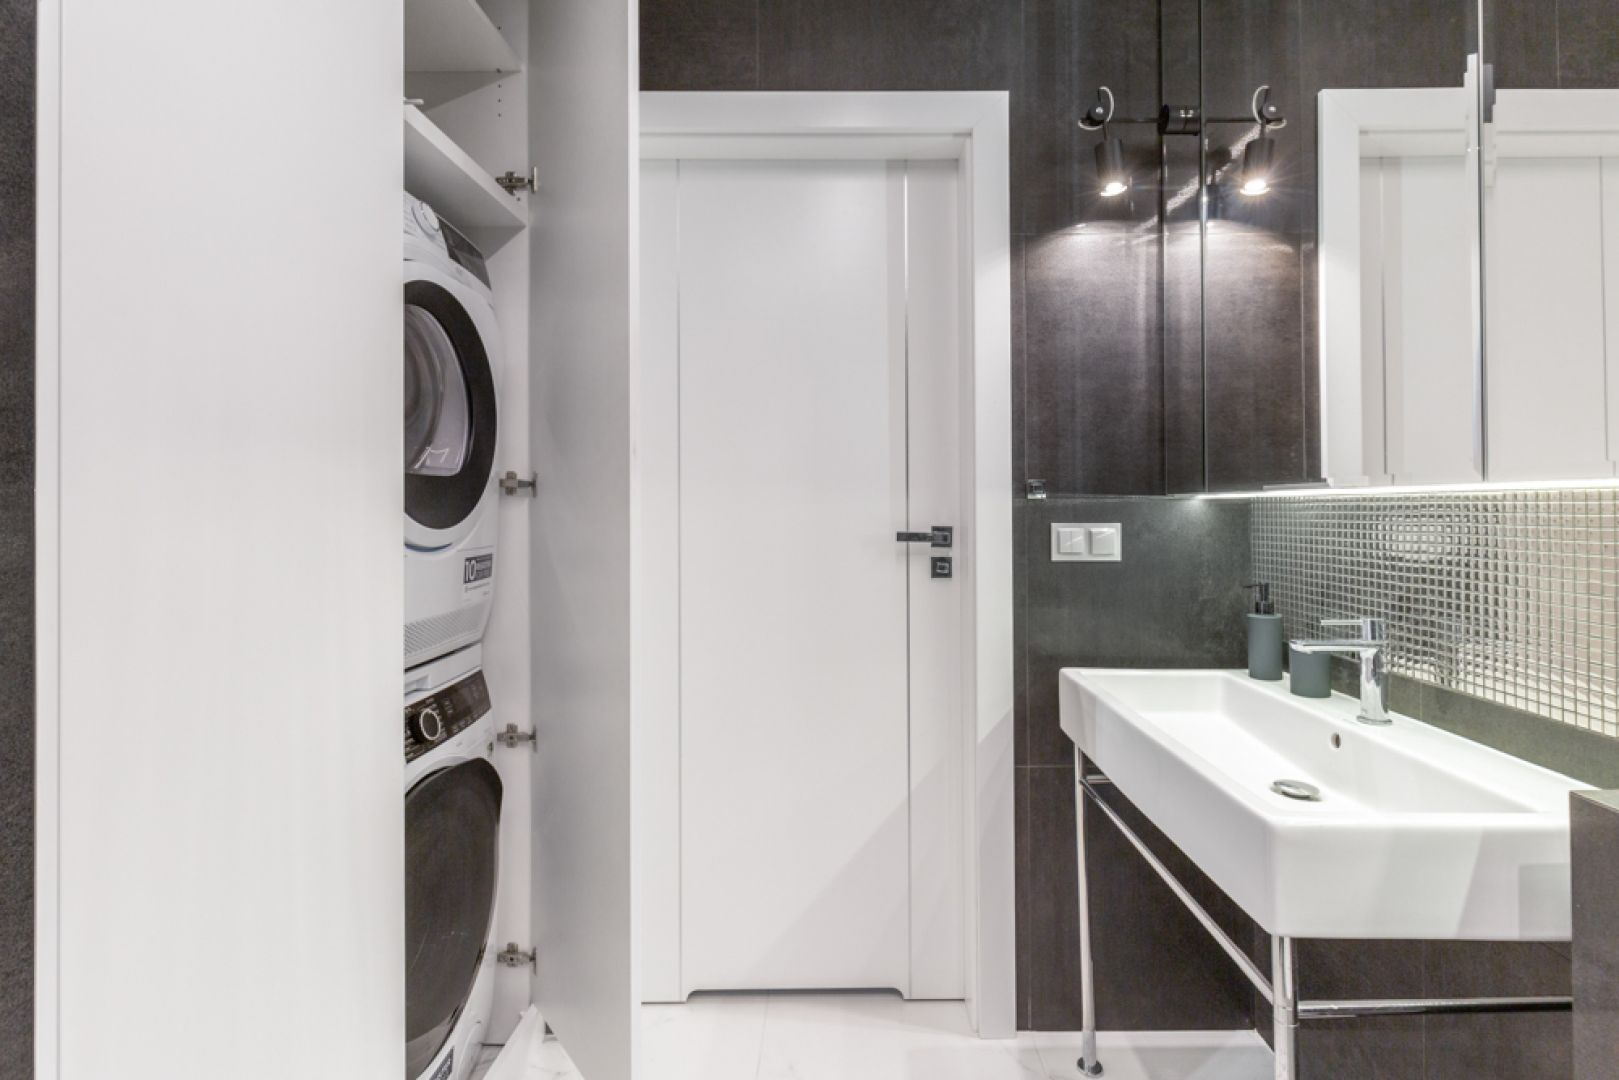 Srebrna mozaika dodaje łazience blichtru i szyku. Projekt: Joanna Rej. Realizacja: Gama Design. Fot. Pion Poziom